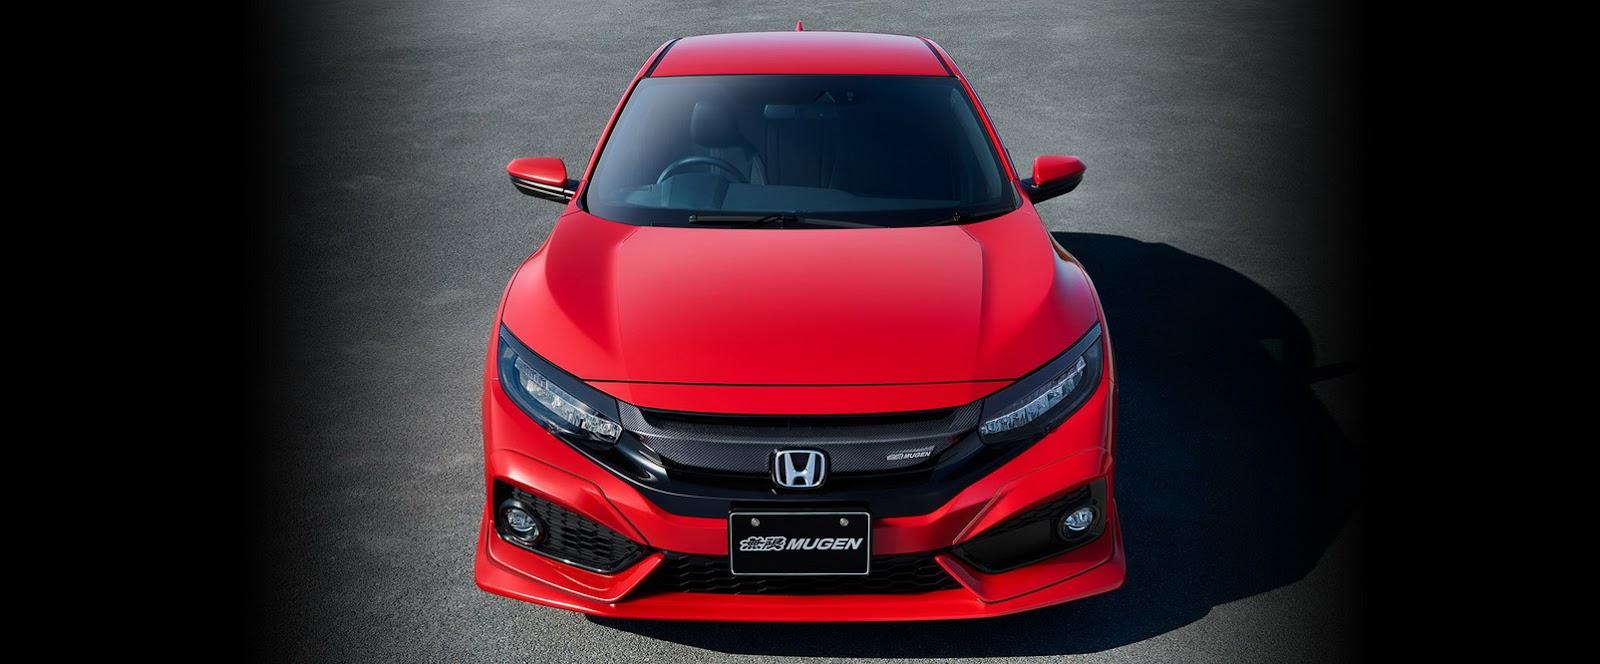 Honda_Civic_by_Mugen_0014